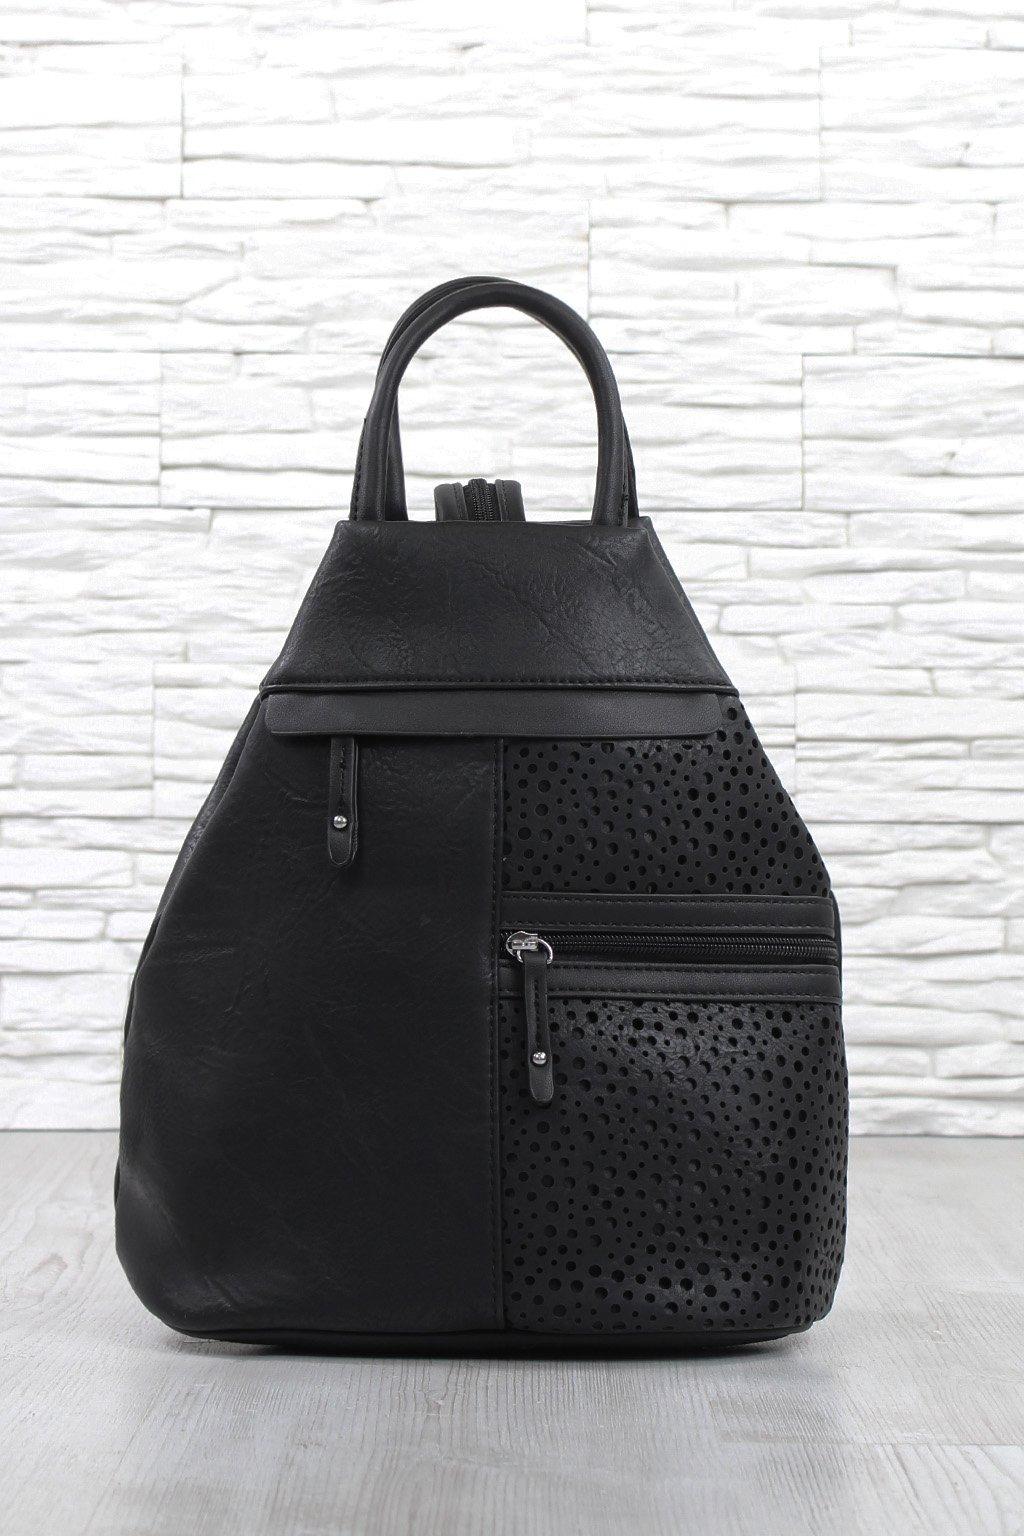 Černý batoh dámský 5225 BB (2)